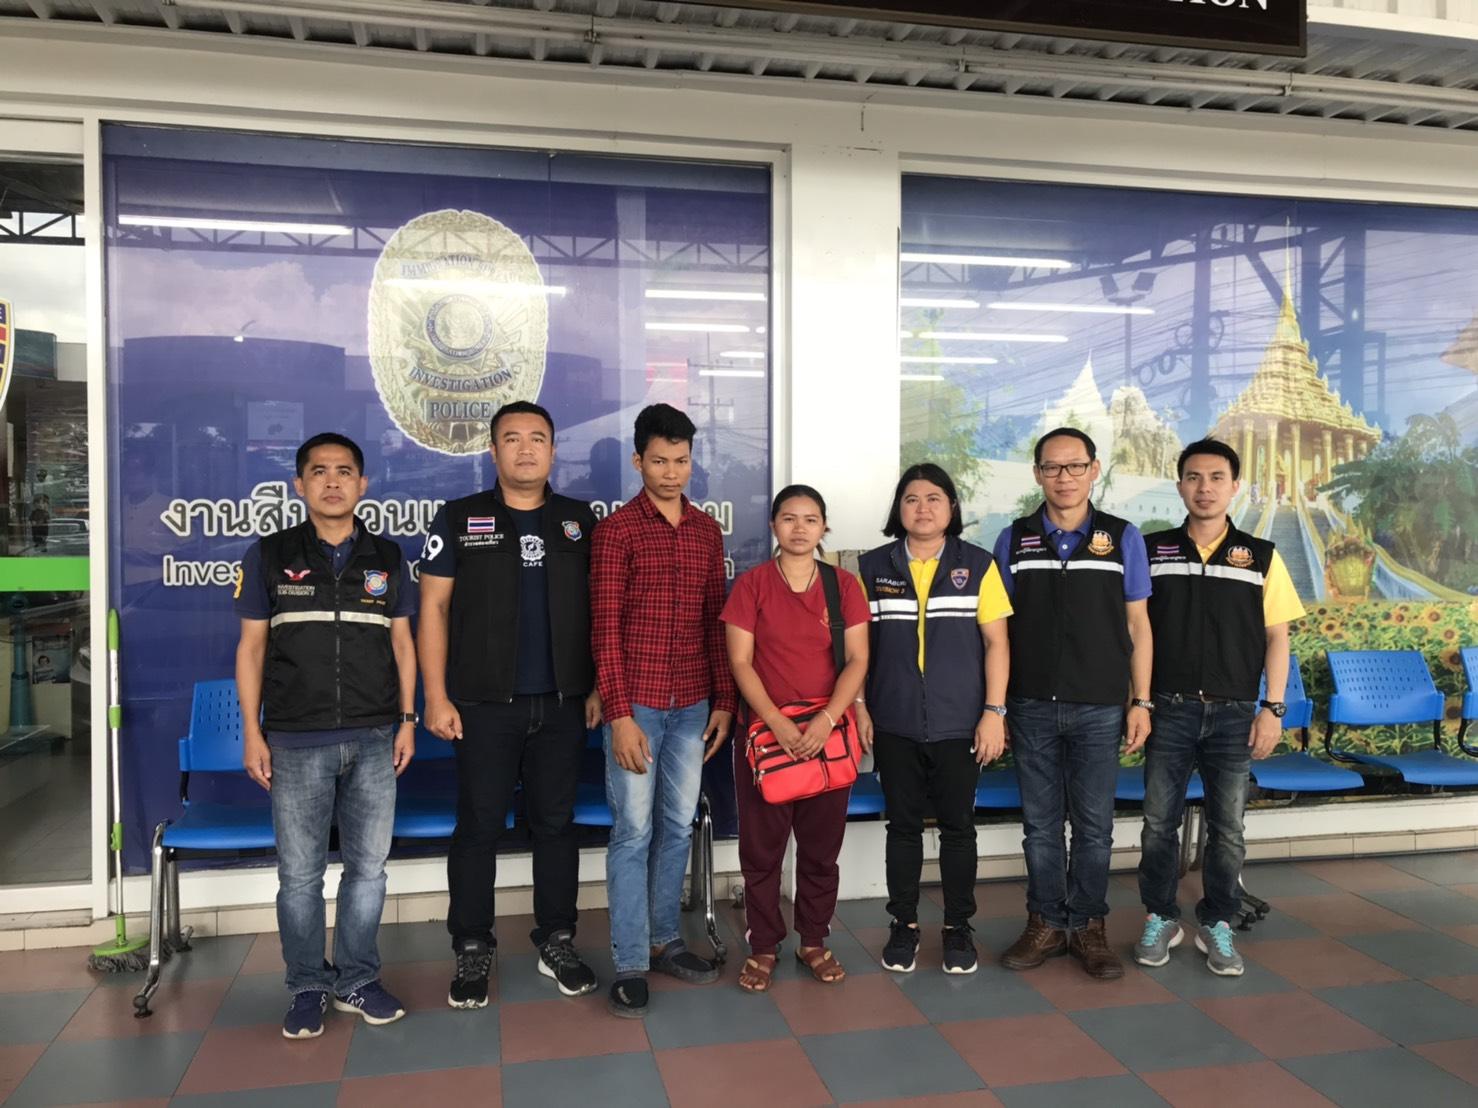 สำนักงานจัดหางานจังหวัดสระบุรีออกตรวจสอบสถานประกอบการและการทำงานของคนต่างด้าวแย่งอาชีพคนไทย